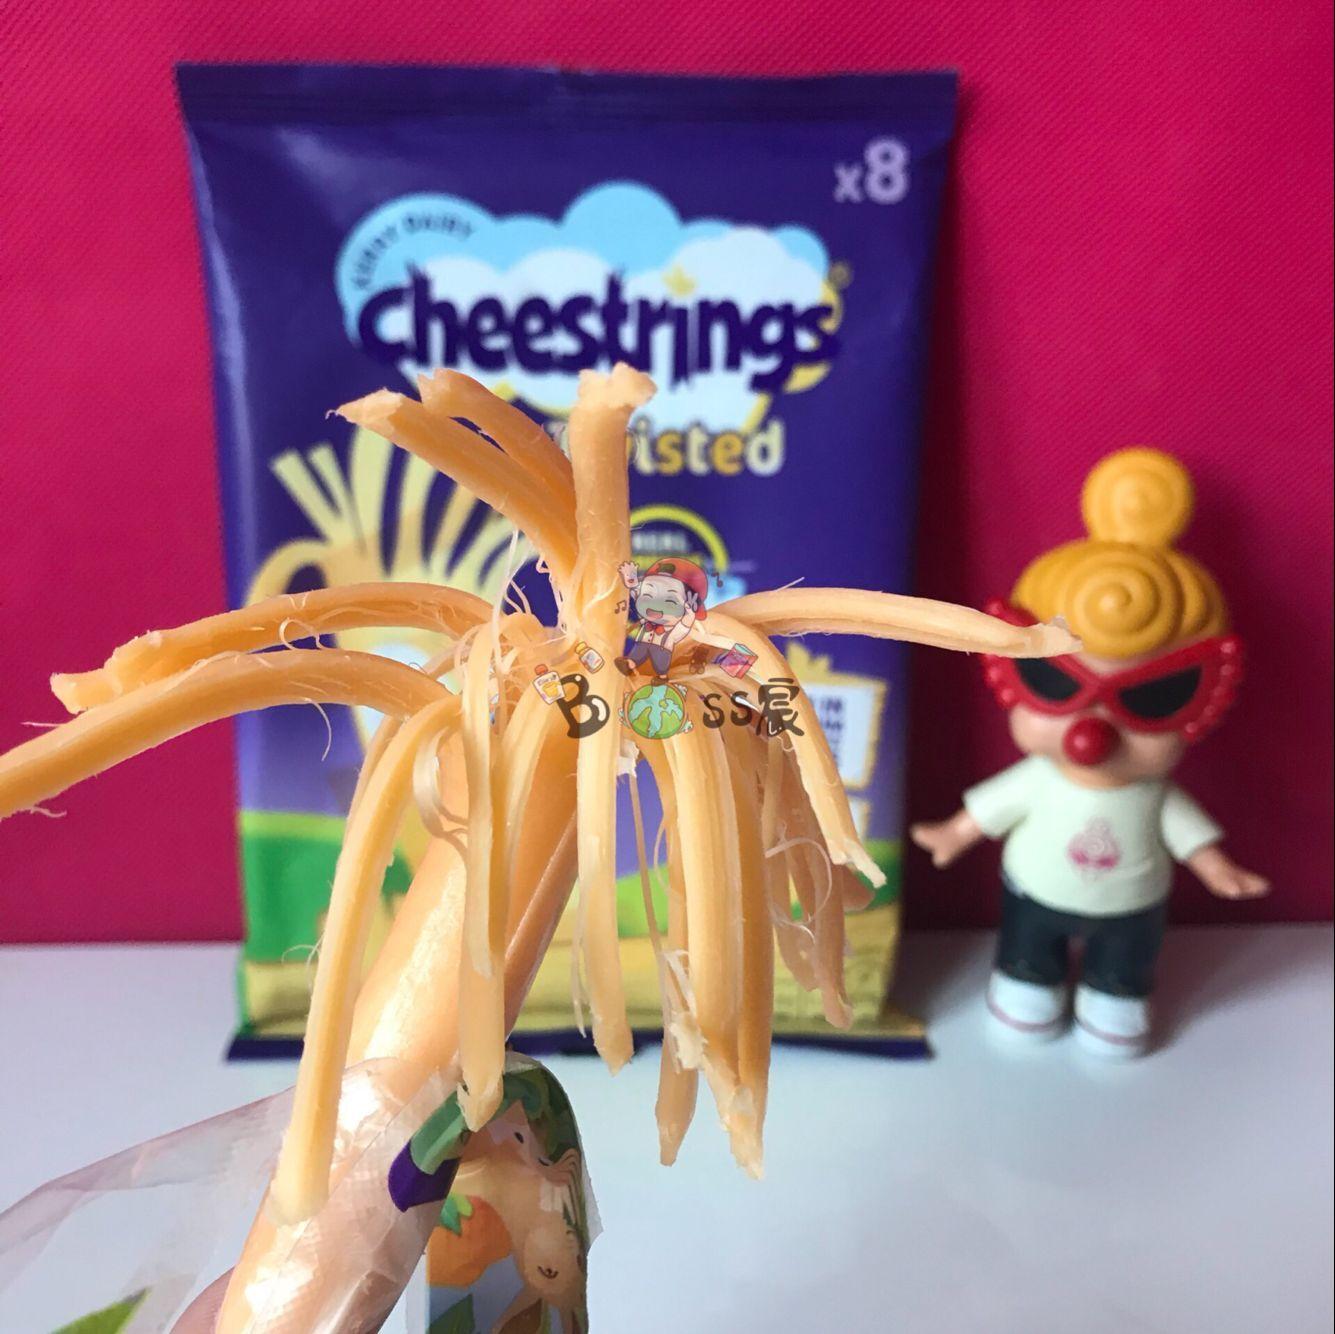 【9月见】英国cheestrings儿童奶酪条芝士条高钙宝宝零食手撕奶酪